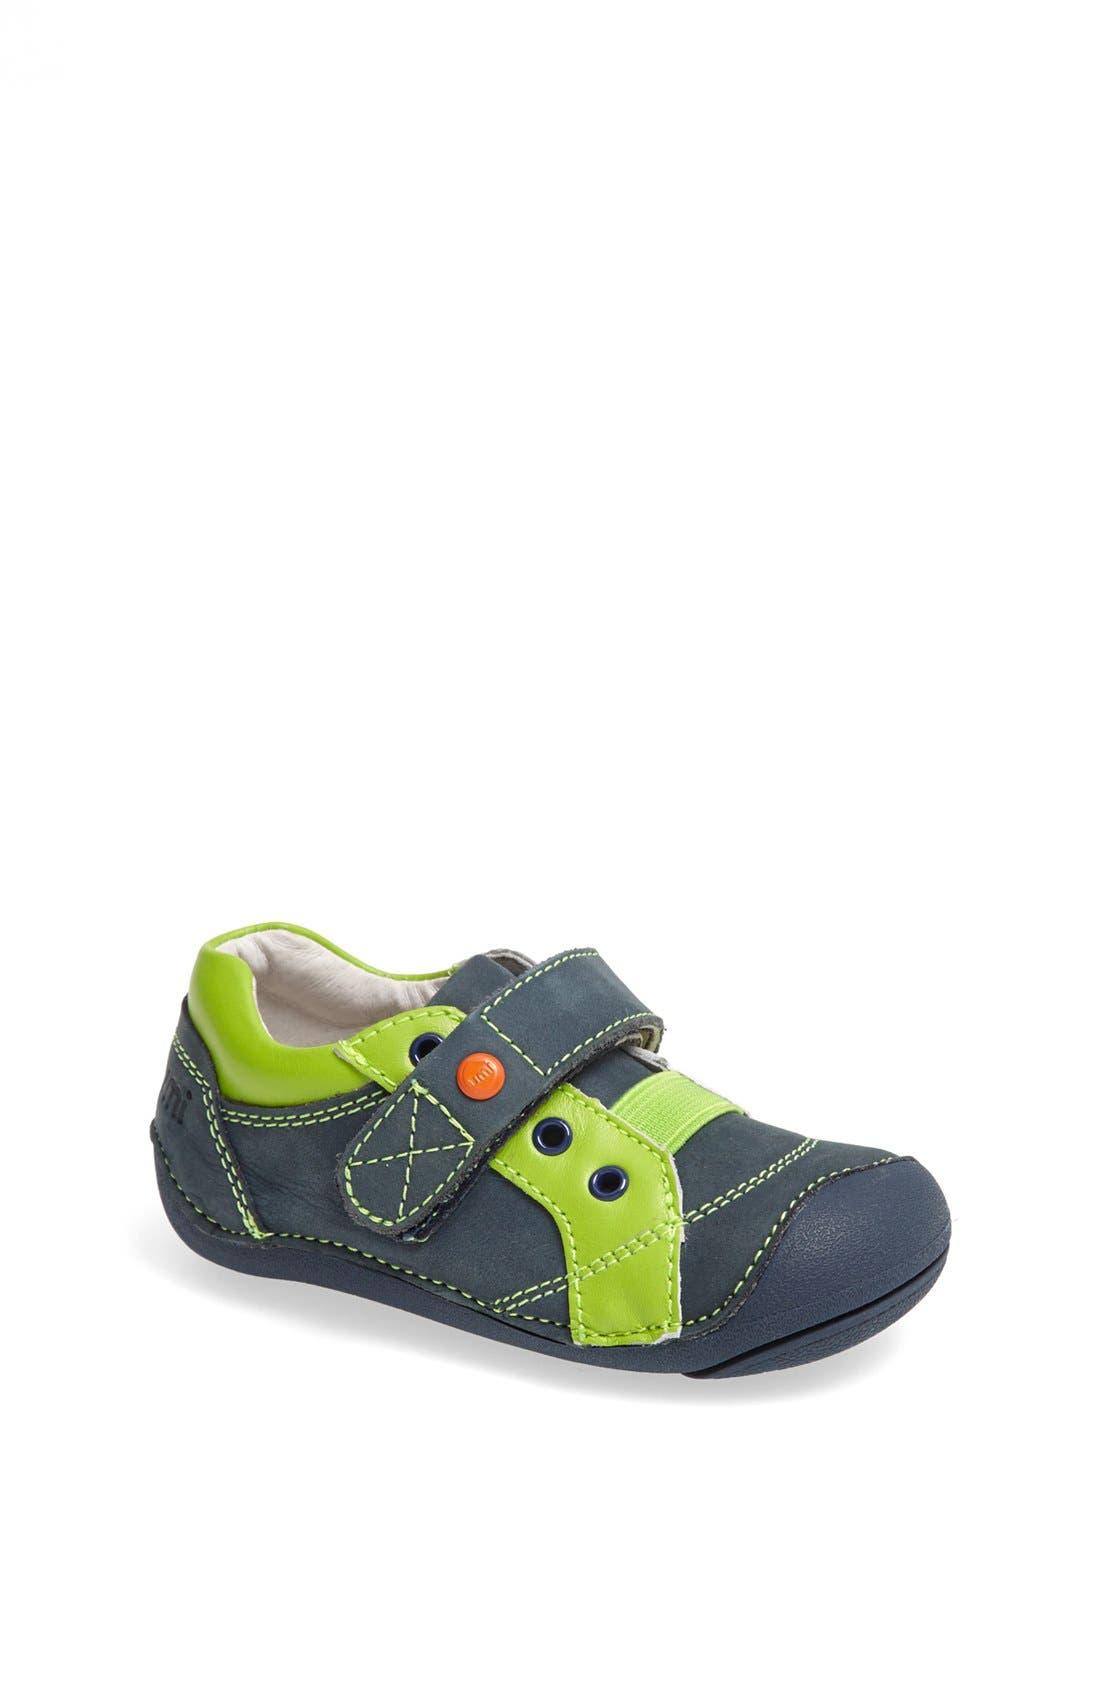 Alternate Image 1 Selected - Umi 'Weelie' Oxford Sneaker (Baby & Walker)